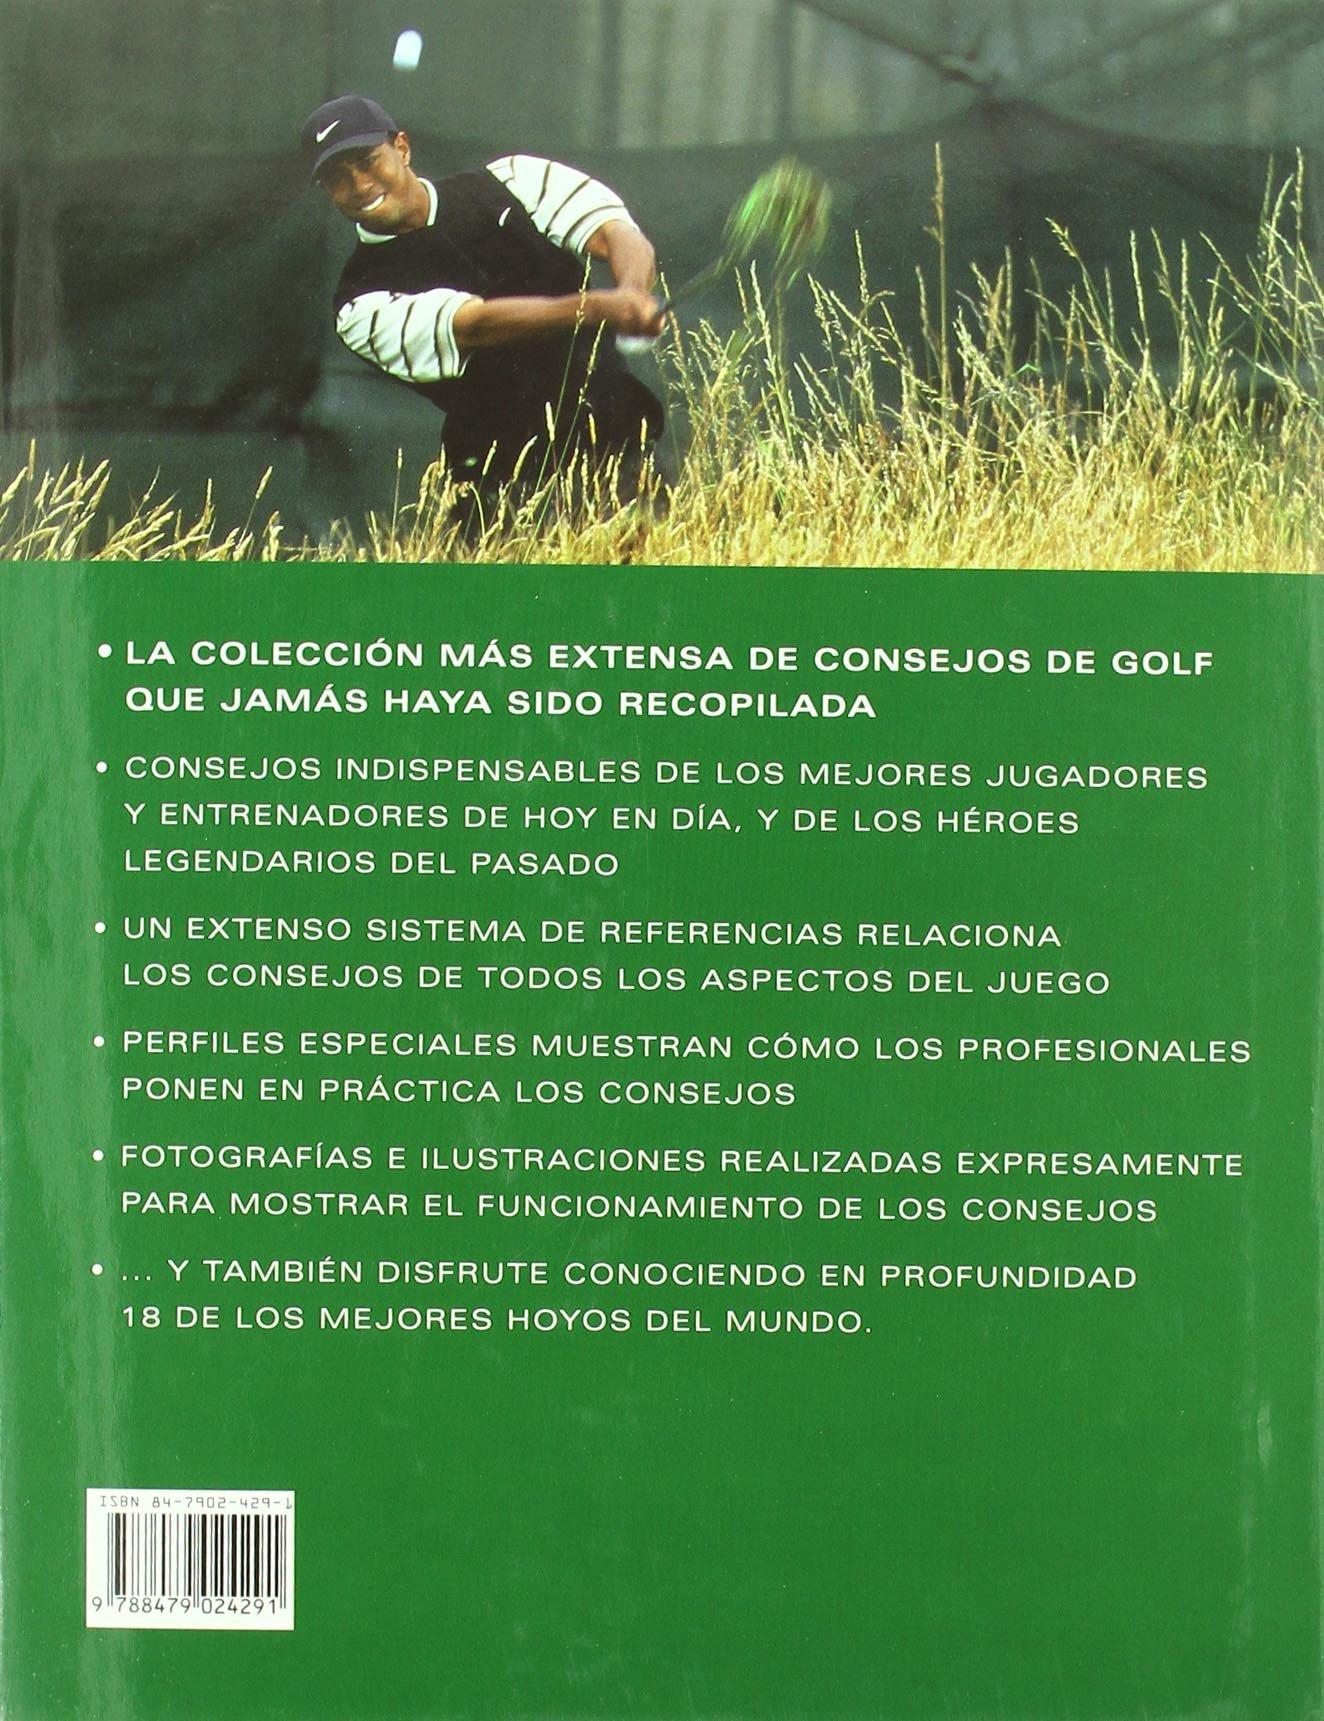 Los Mejores Consejos de Golf de Todos (Spanish Edition) by Tutor S.A.